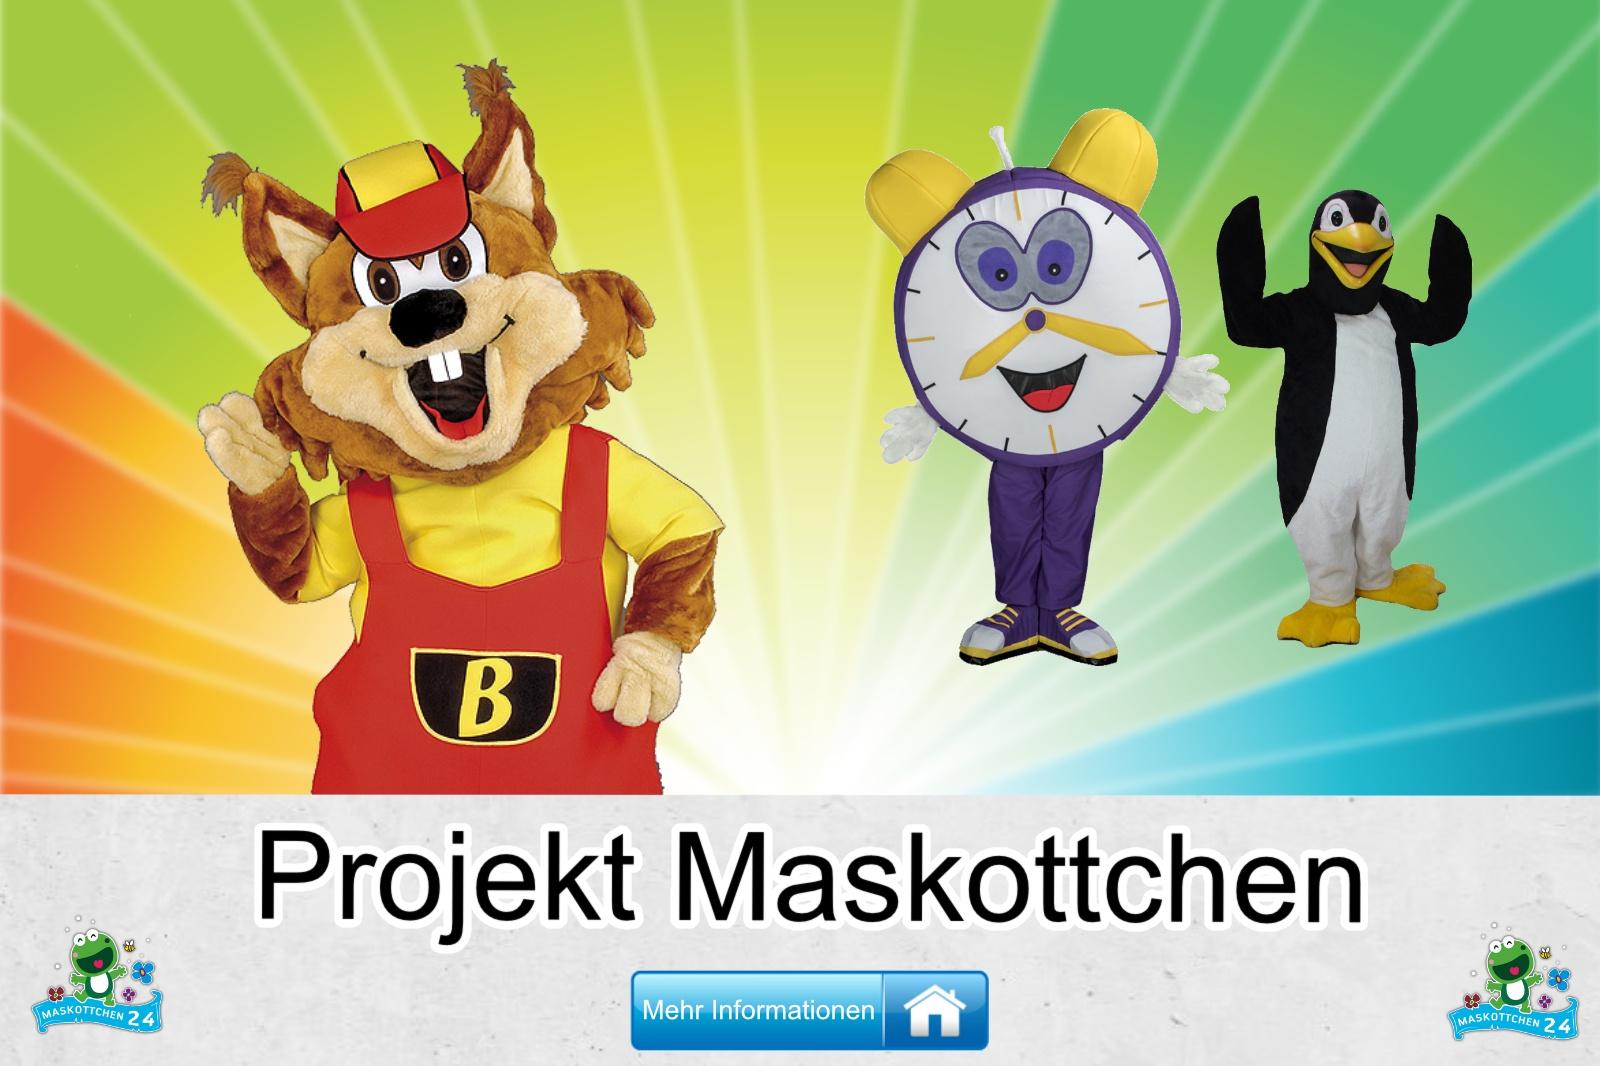 Projekt Maskottchen Kostüm kaufen, günstige Produktion / Herstellung